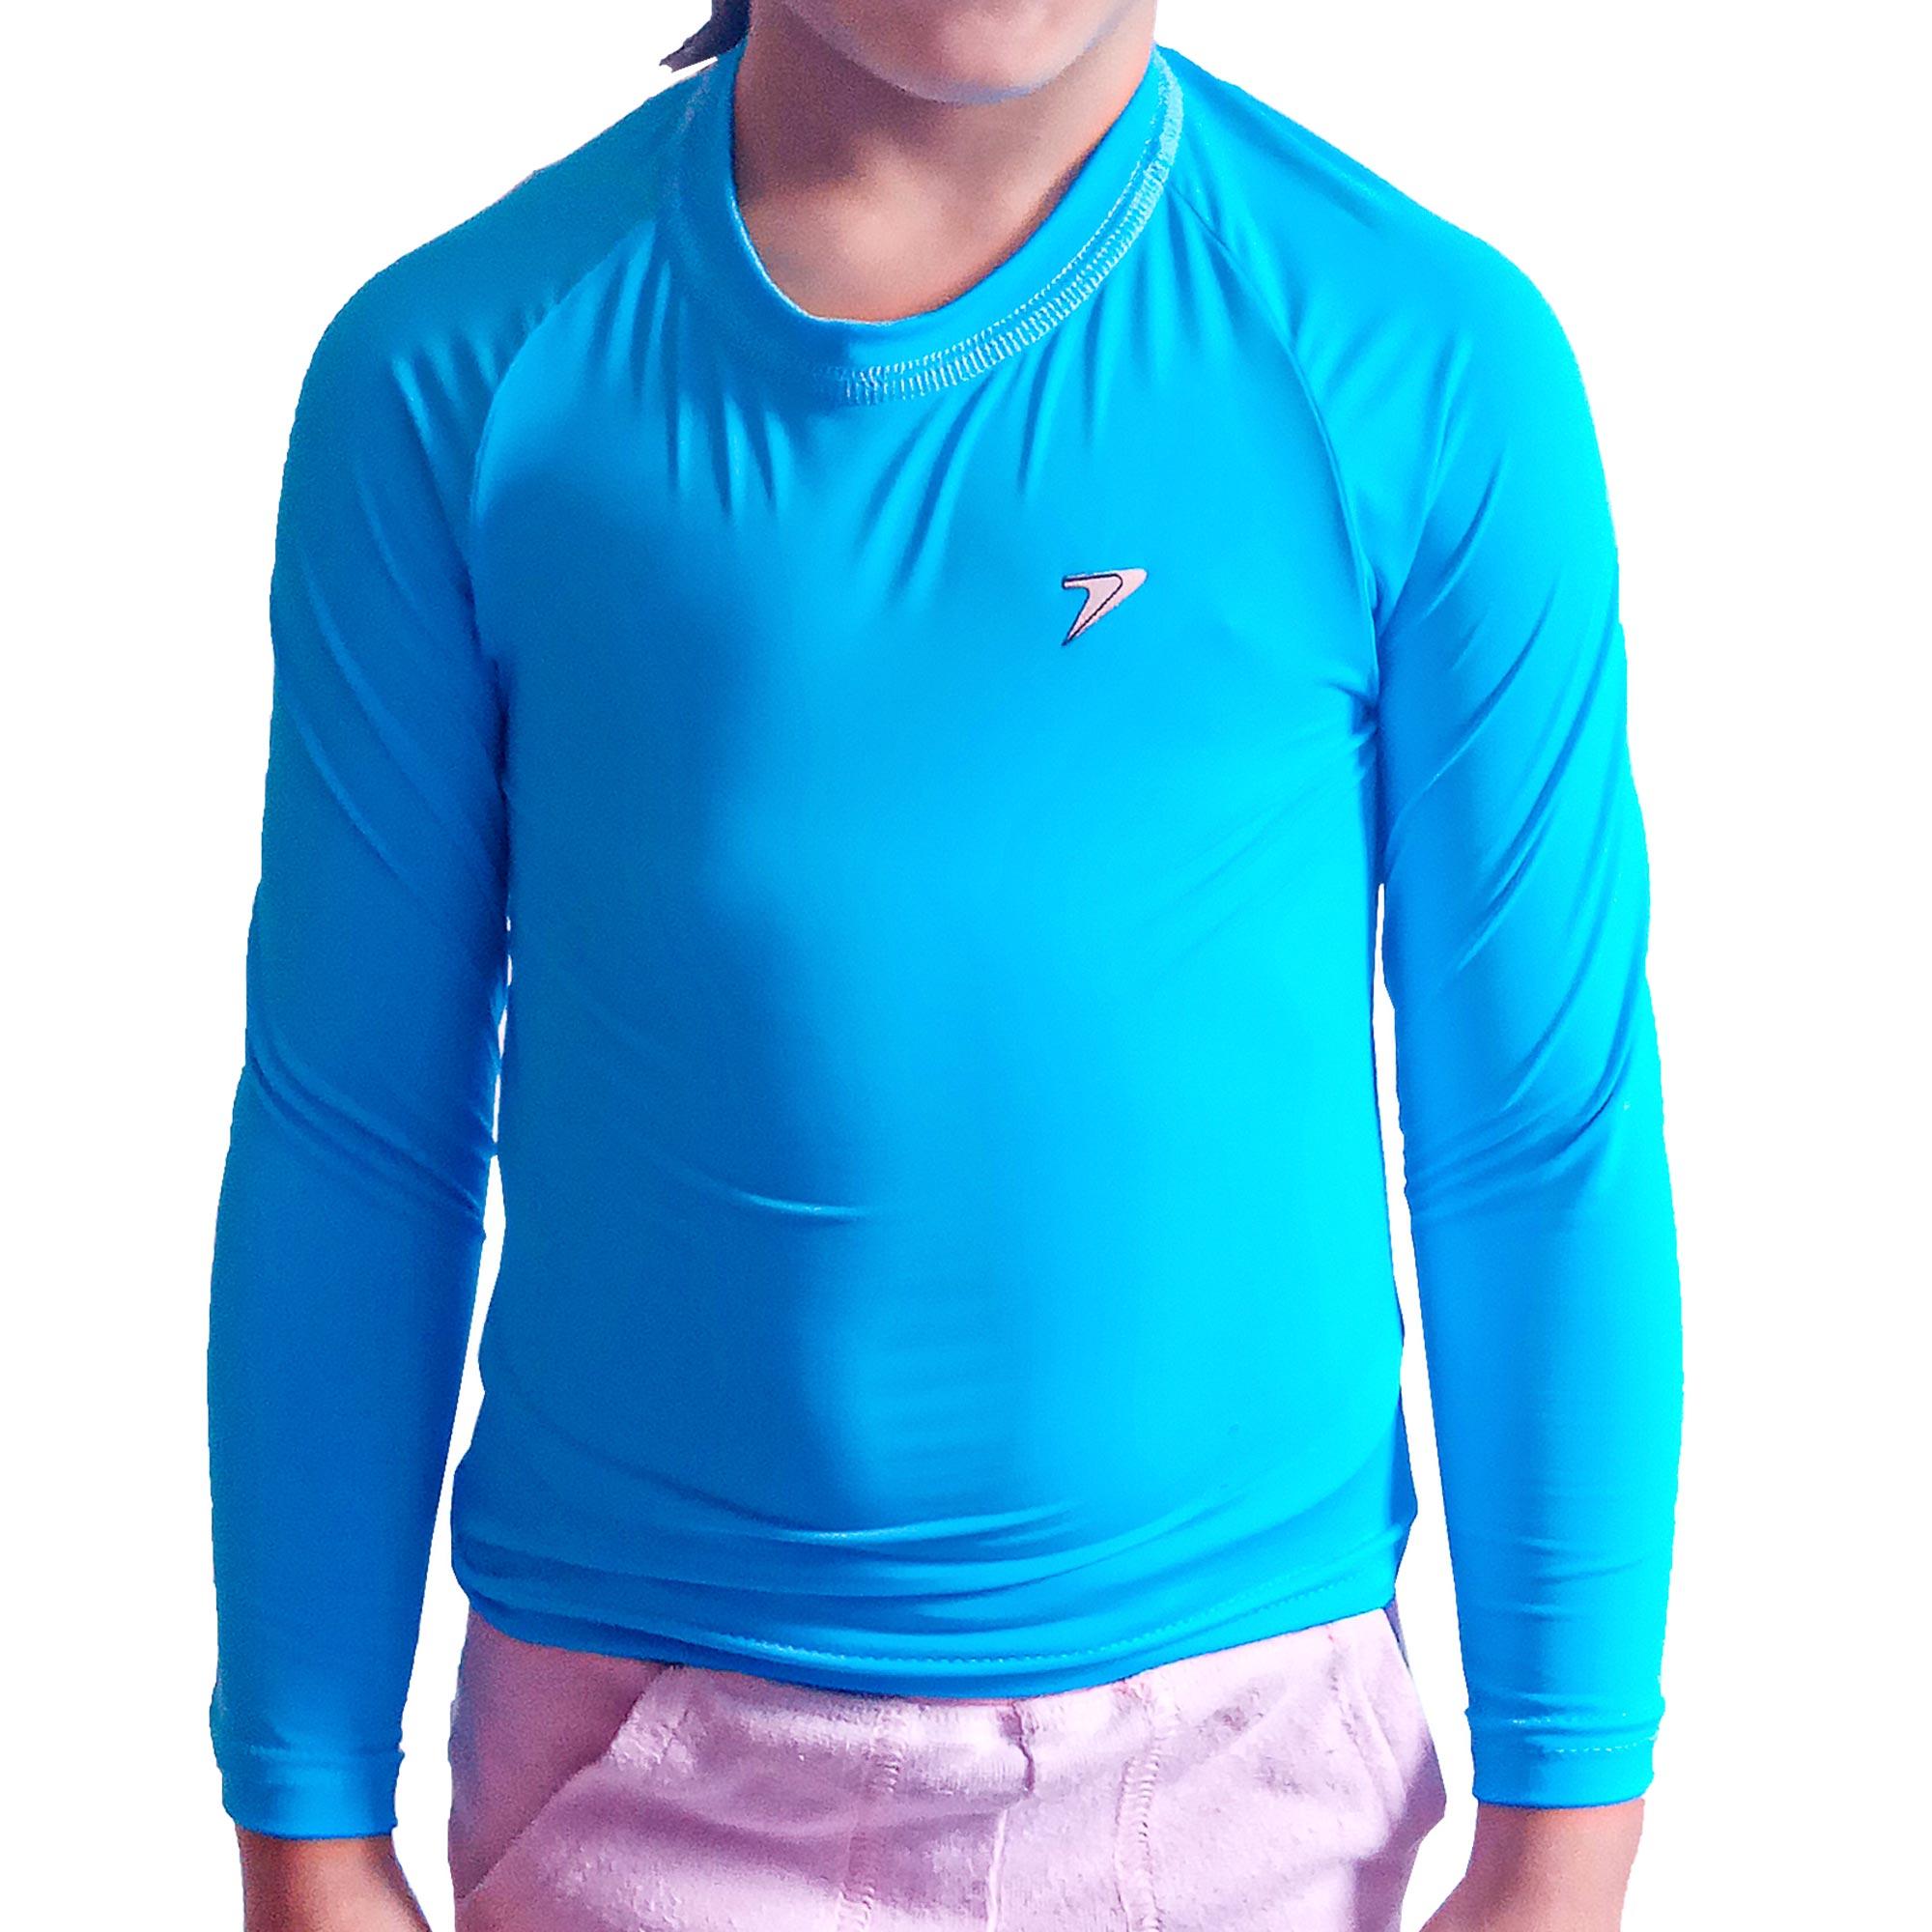 Camiseta Fator Proteção Comfort Bebê UV 50+ Poliamida Manga Longa (0 a 3 anos) 04272